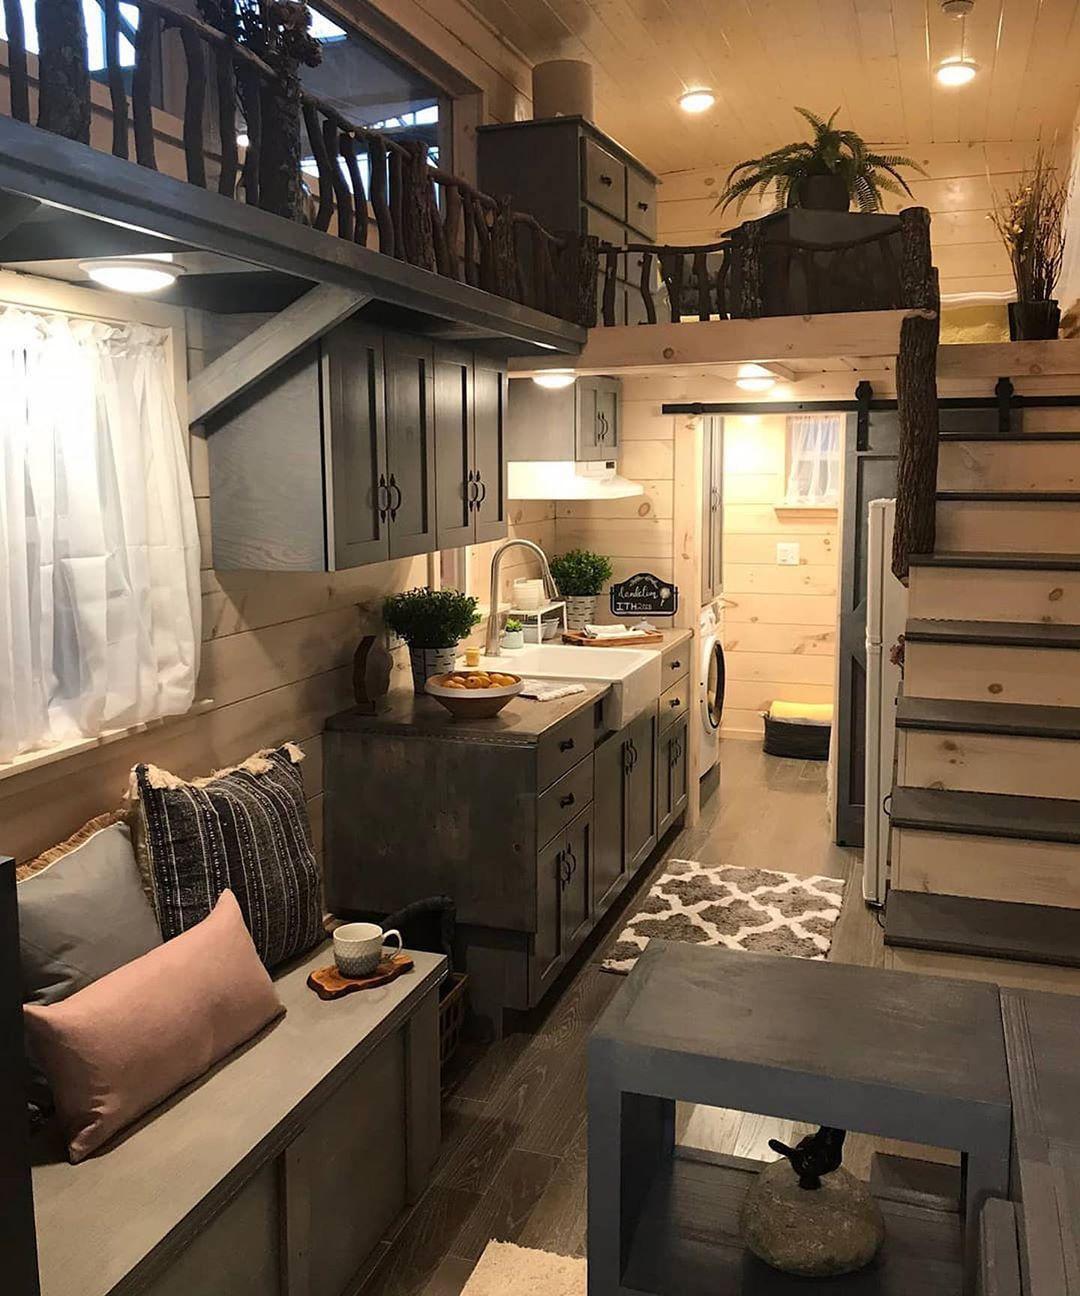 Tiny Estates On Instagram This Tiny House Interior Looks So Cozy The 28 Foot Dandelion Mit Bildern Winziges Haus Grundriss Kleines Haus Einrichtung Kleine Hauspflanzen